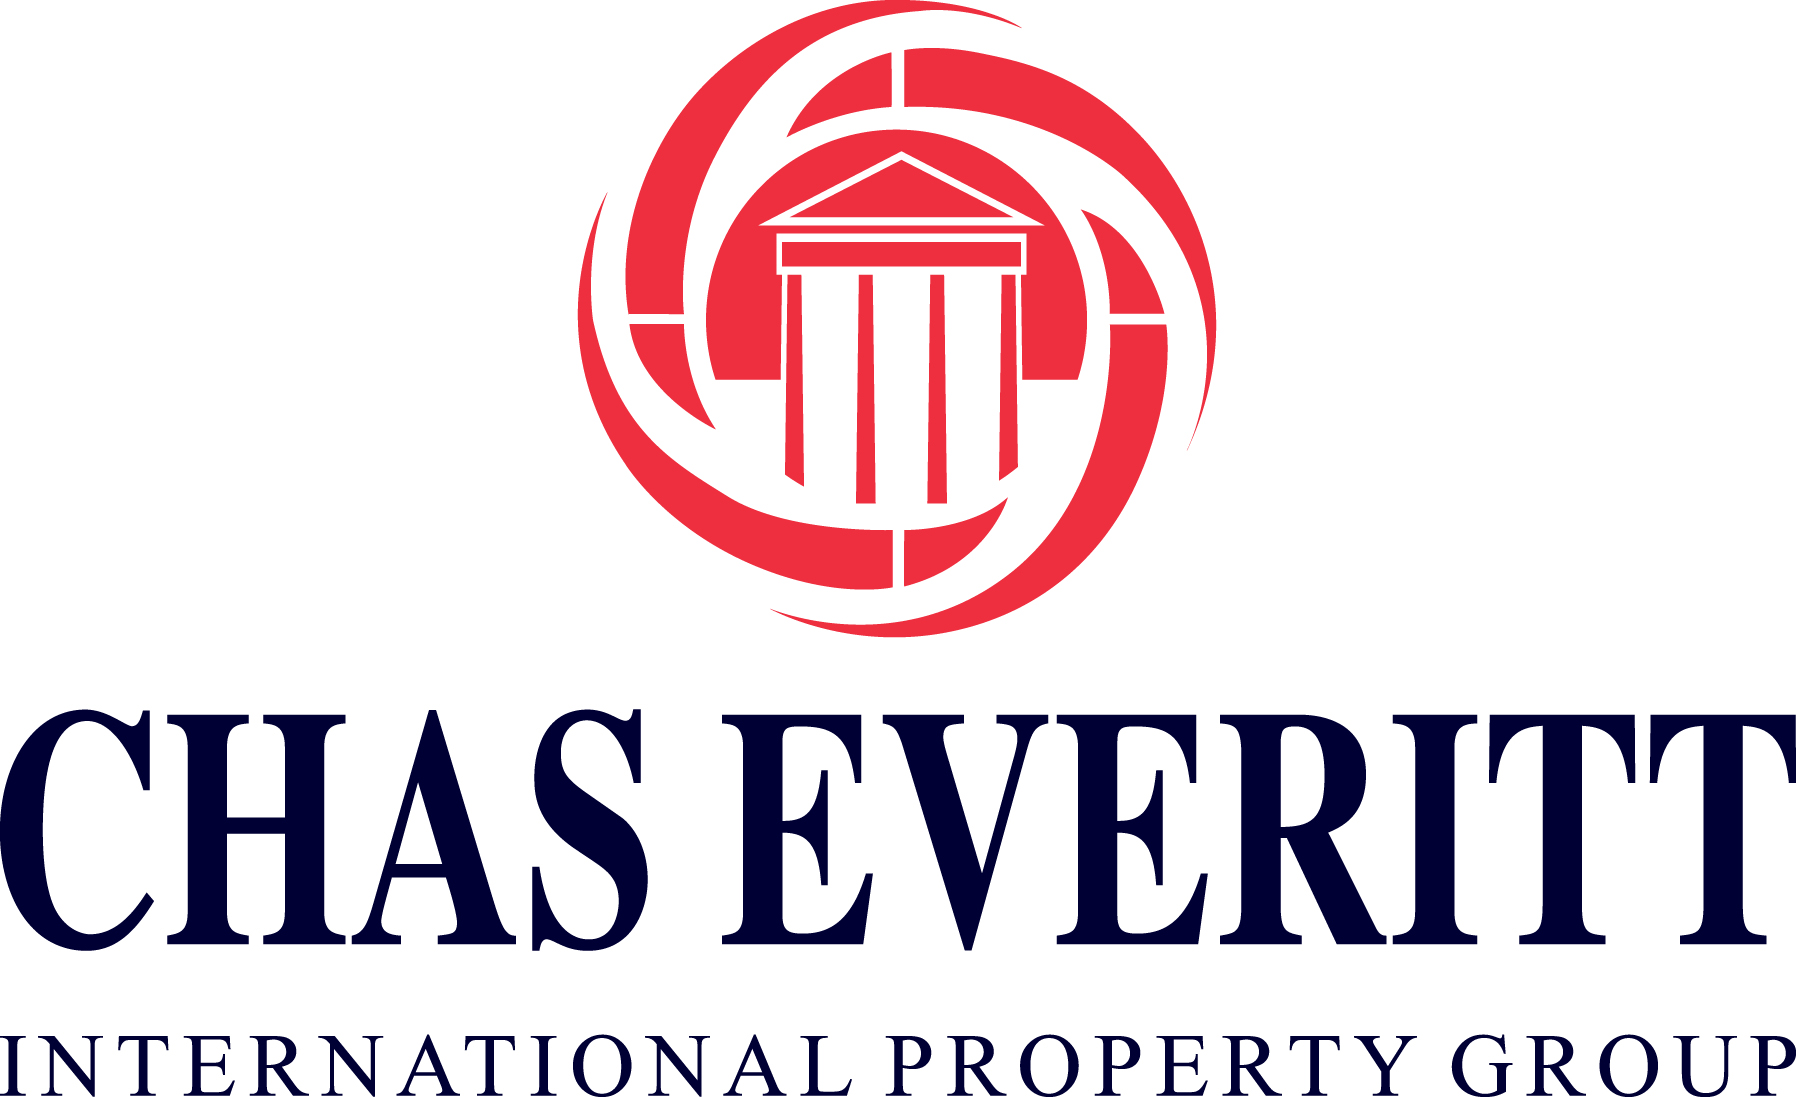 Chas_Everitt_Portrait_Logo.jpg